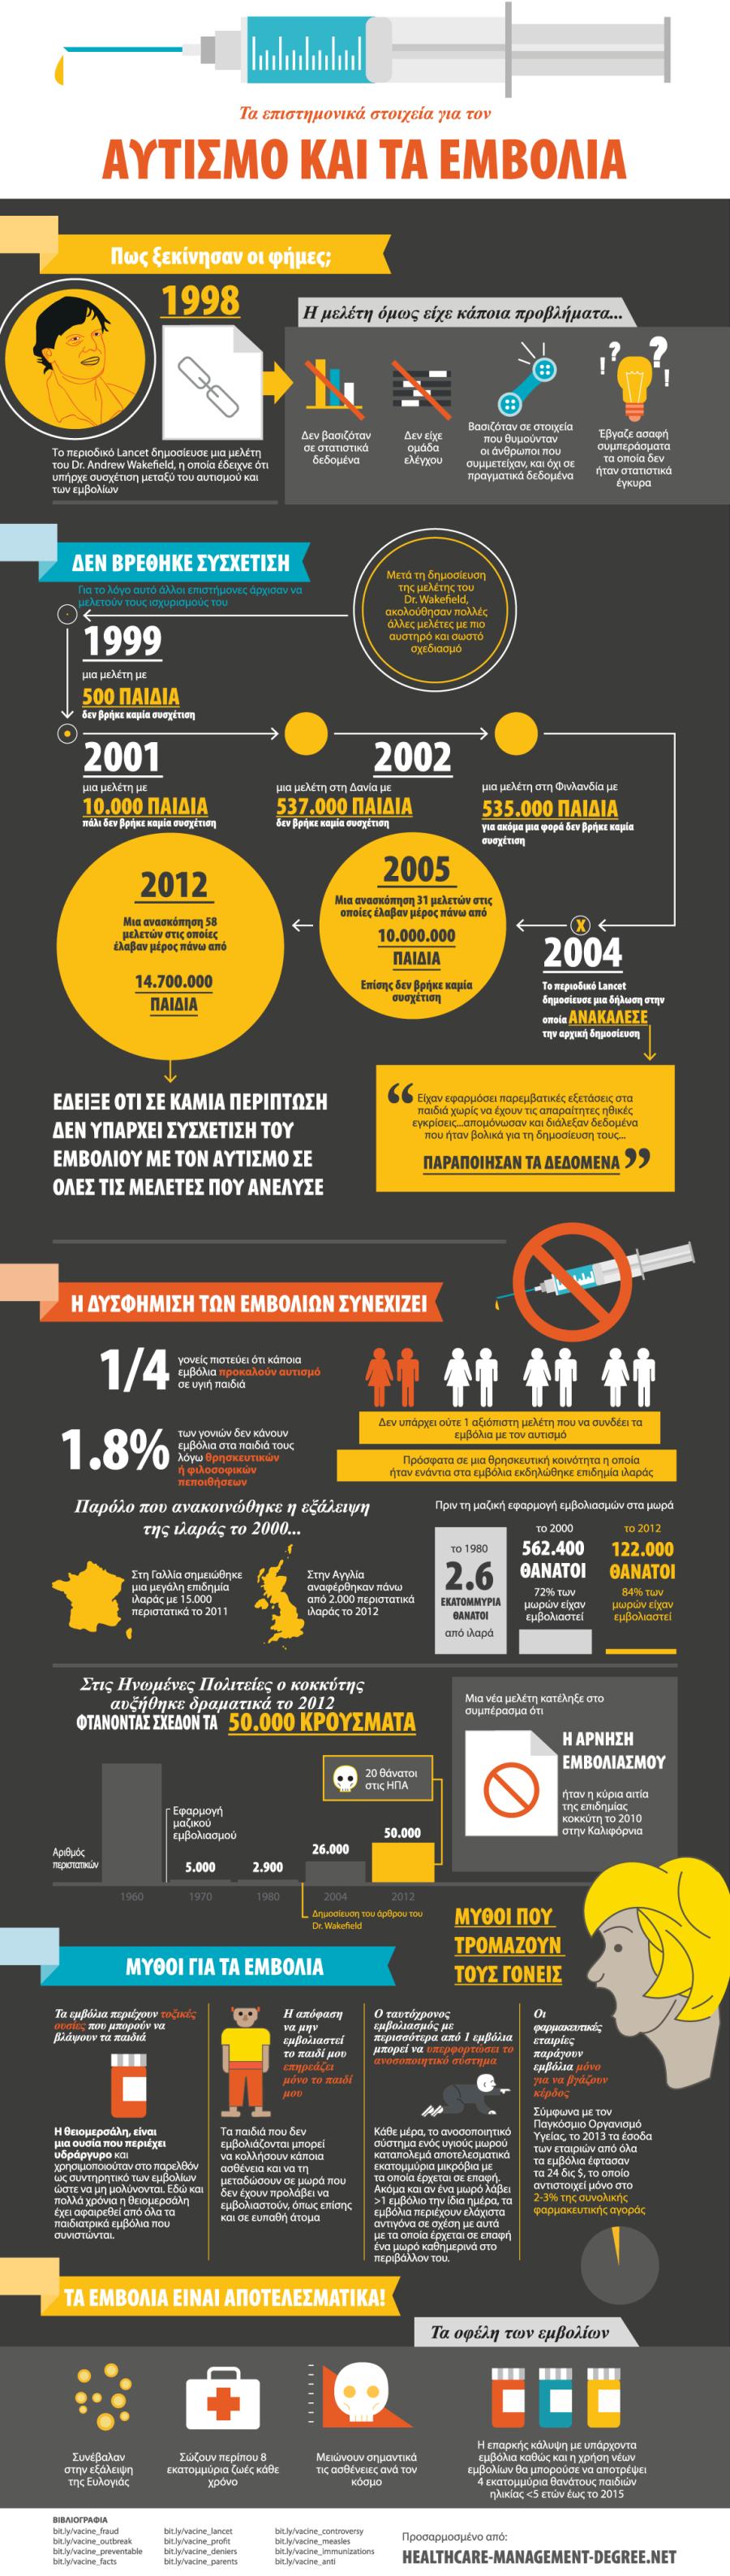 Συσχέτιση εμβολίων με τον αυτισμό – Infographic